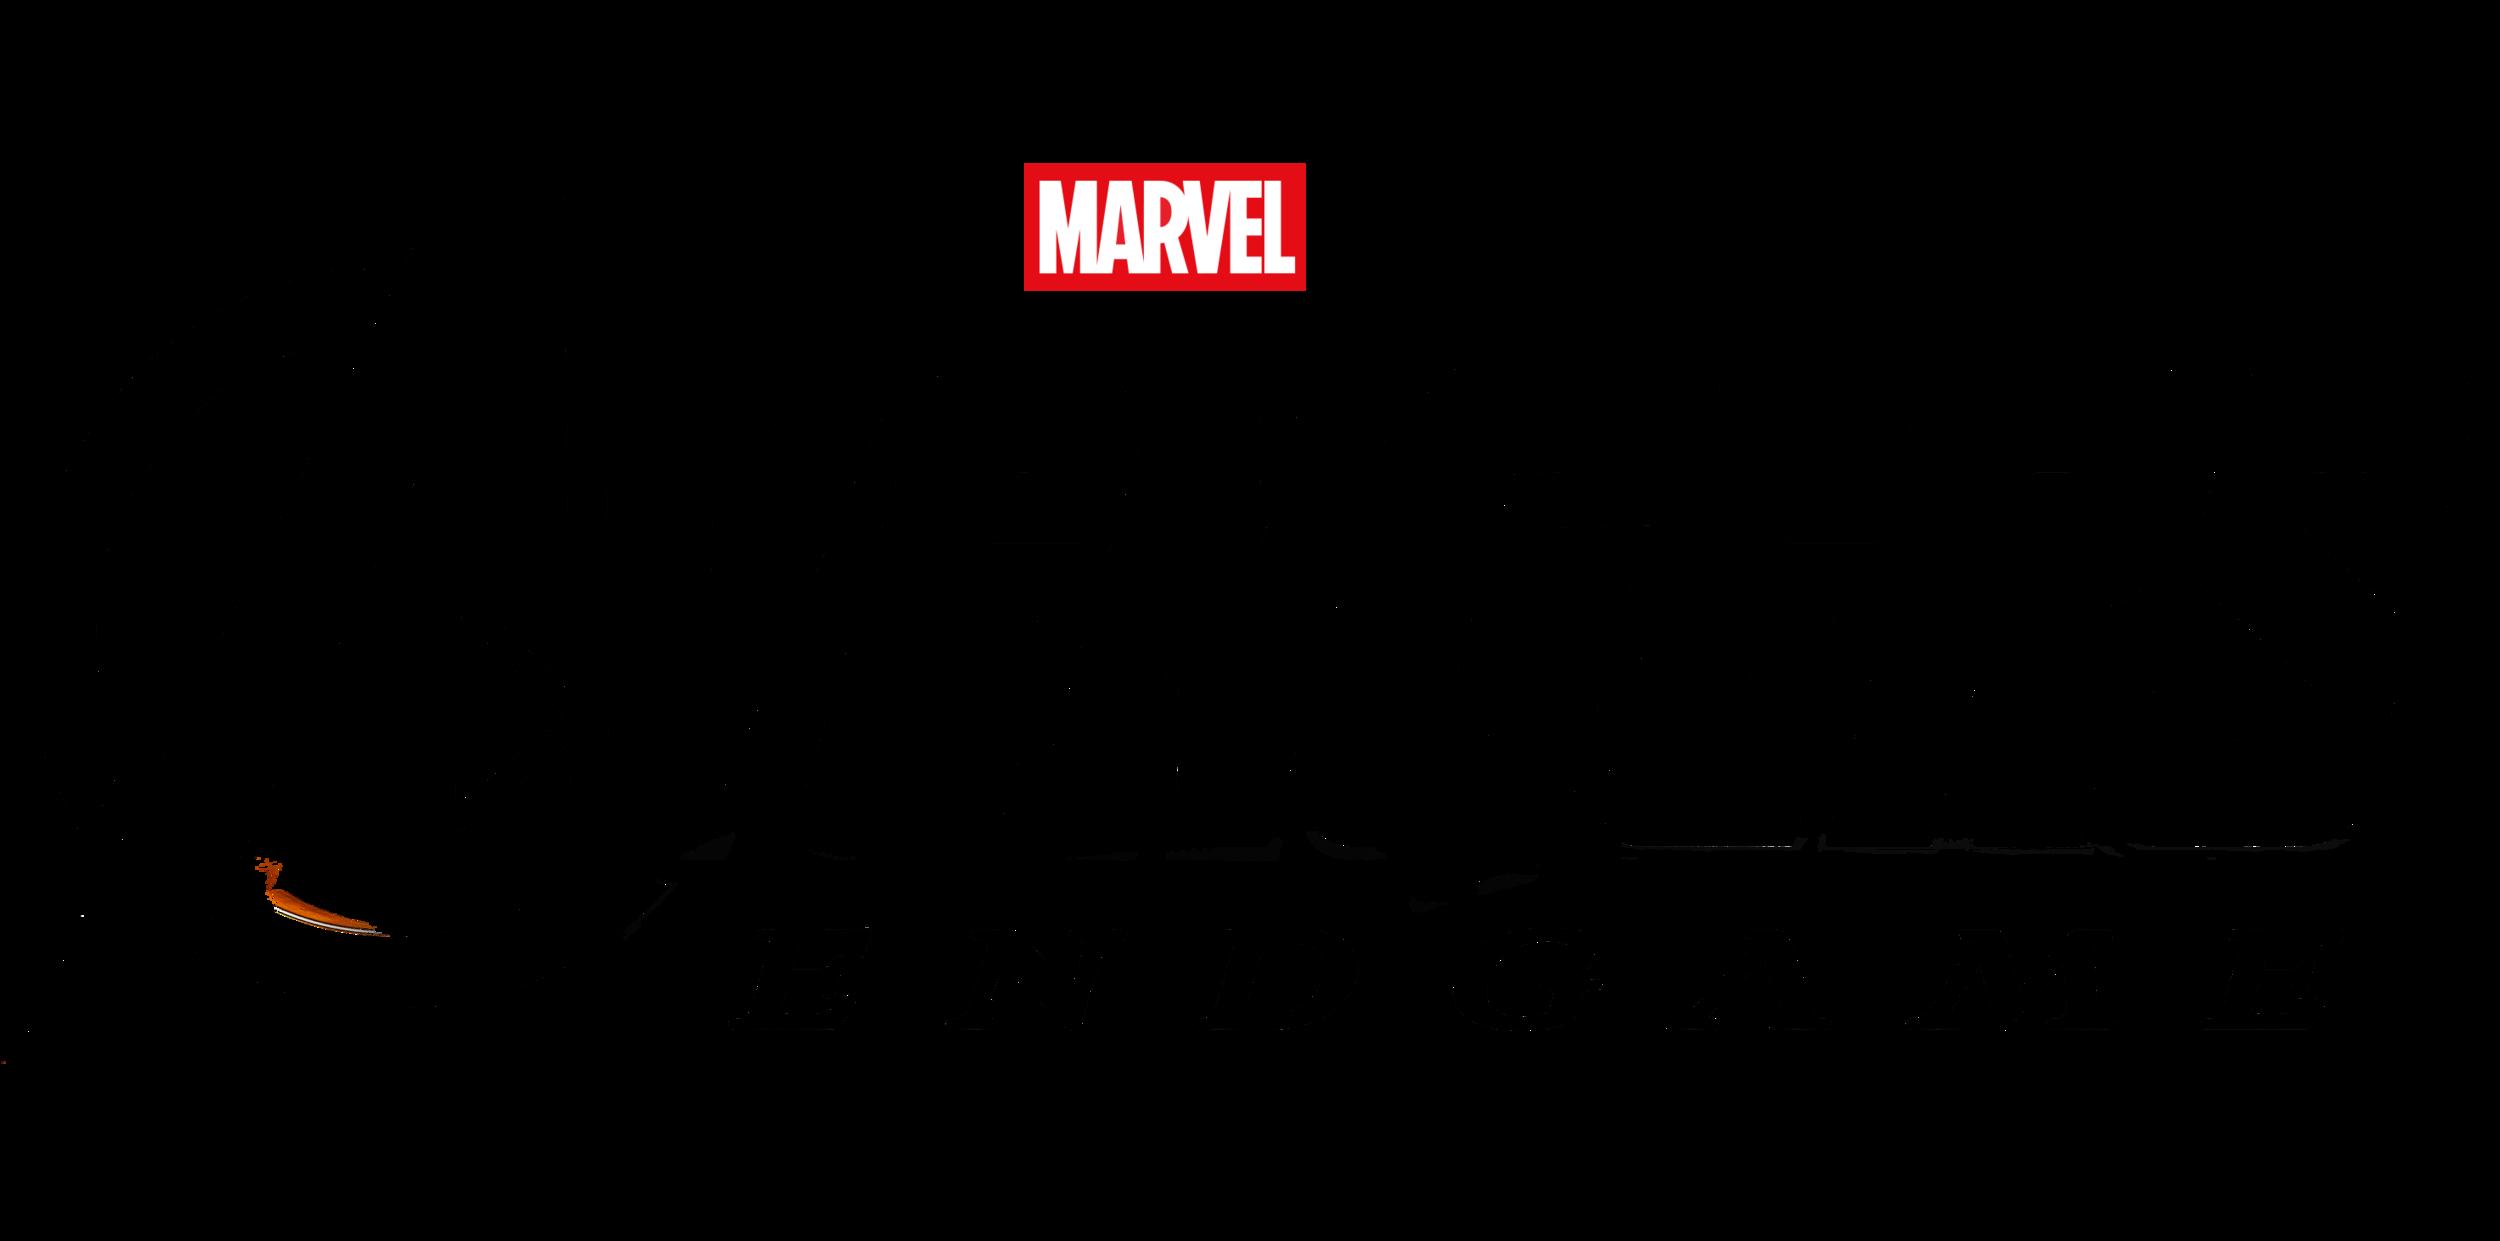 AvengersEndgame_MT_black_v2.png